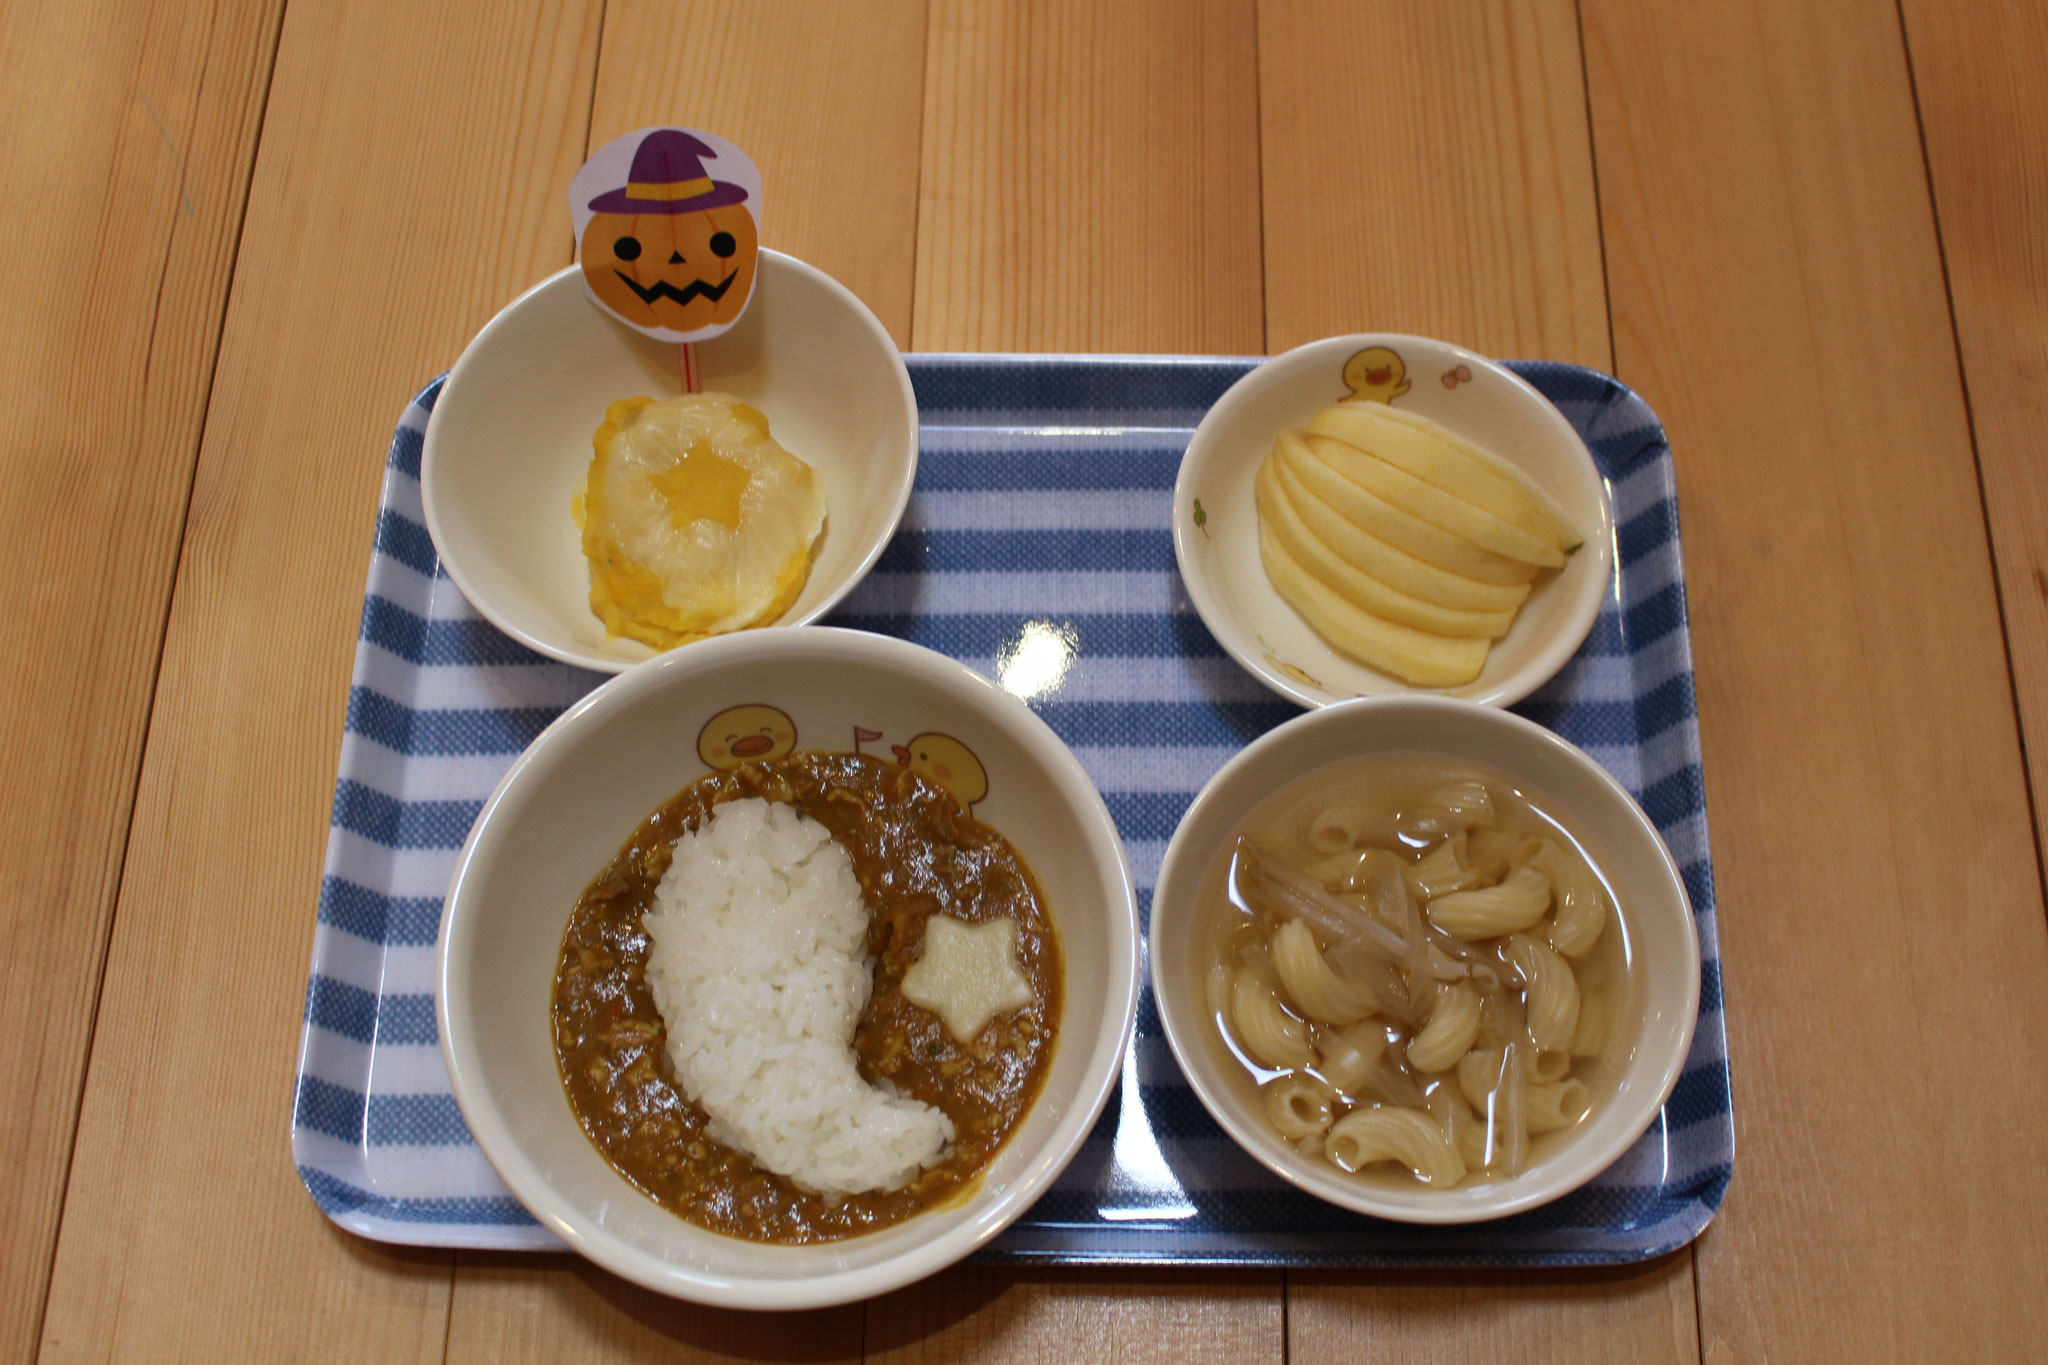 きょうの 給食は ハロウィン行事食です!! みんなは かぼちゃカレーのなかに しろいおばけさんがいたのを 見つけたかな❓